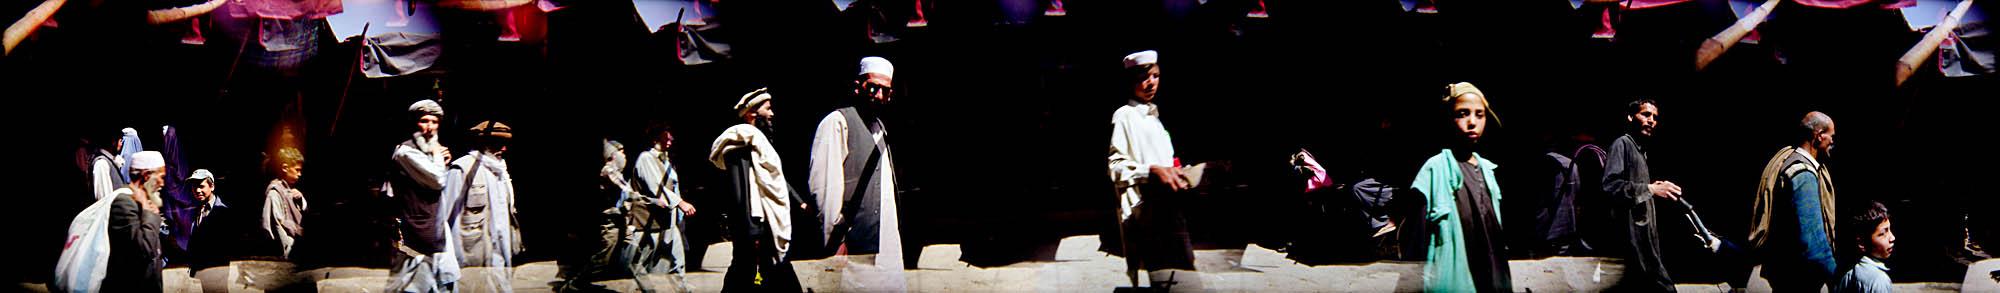 StoryAfghan0008